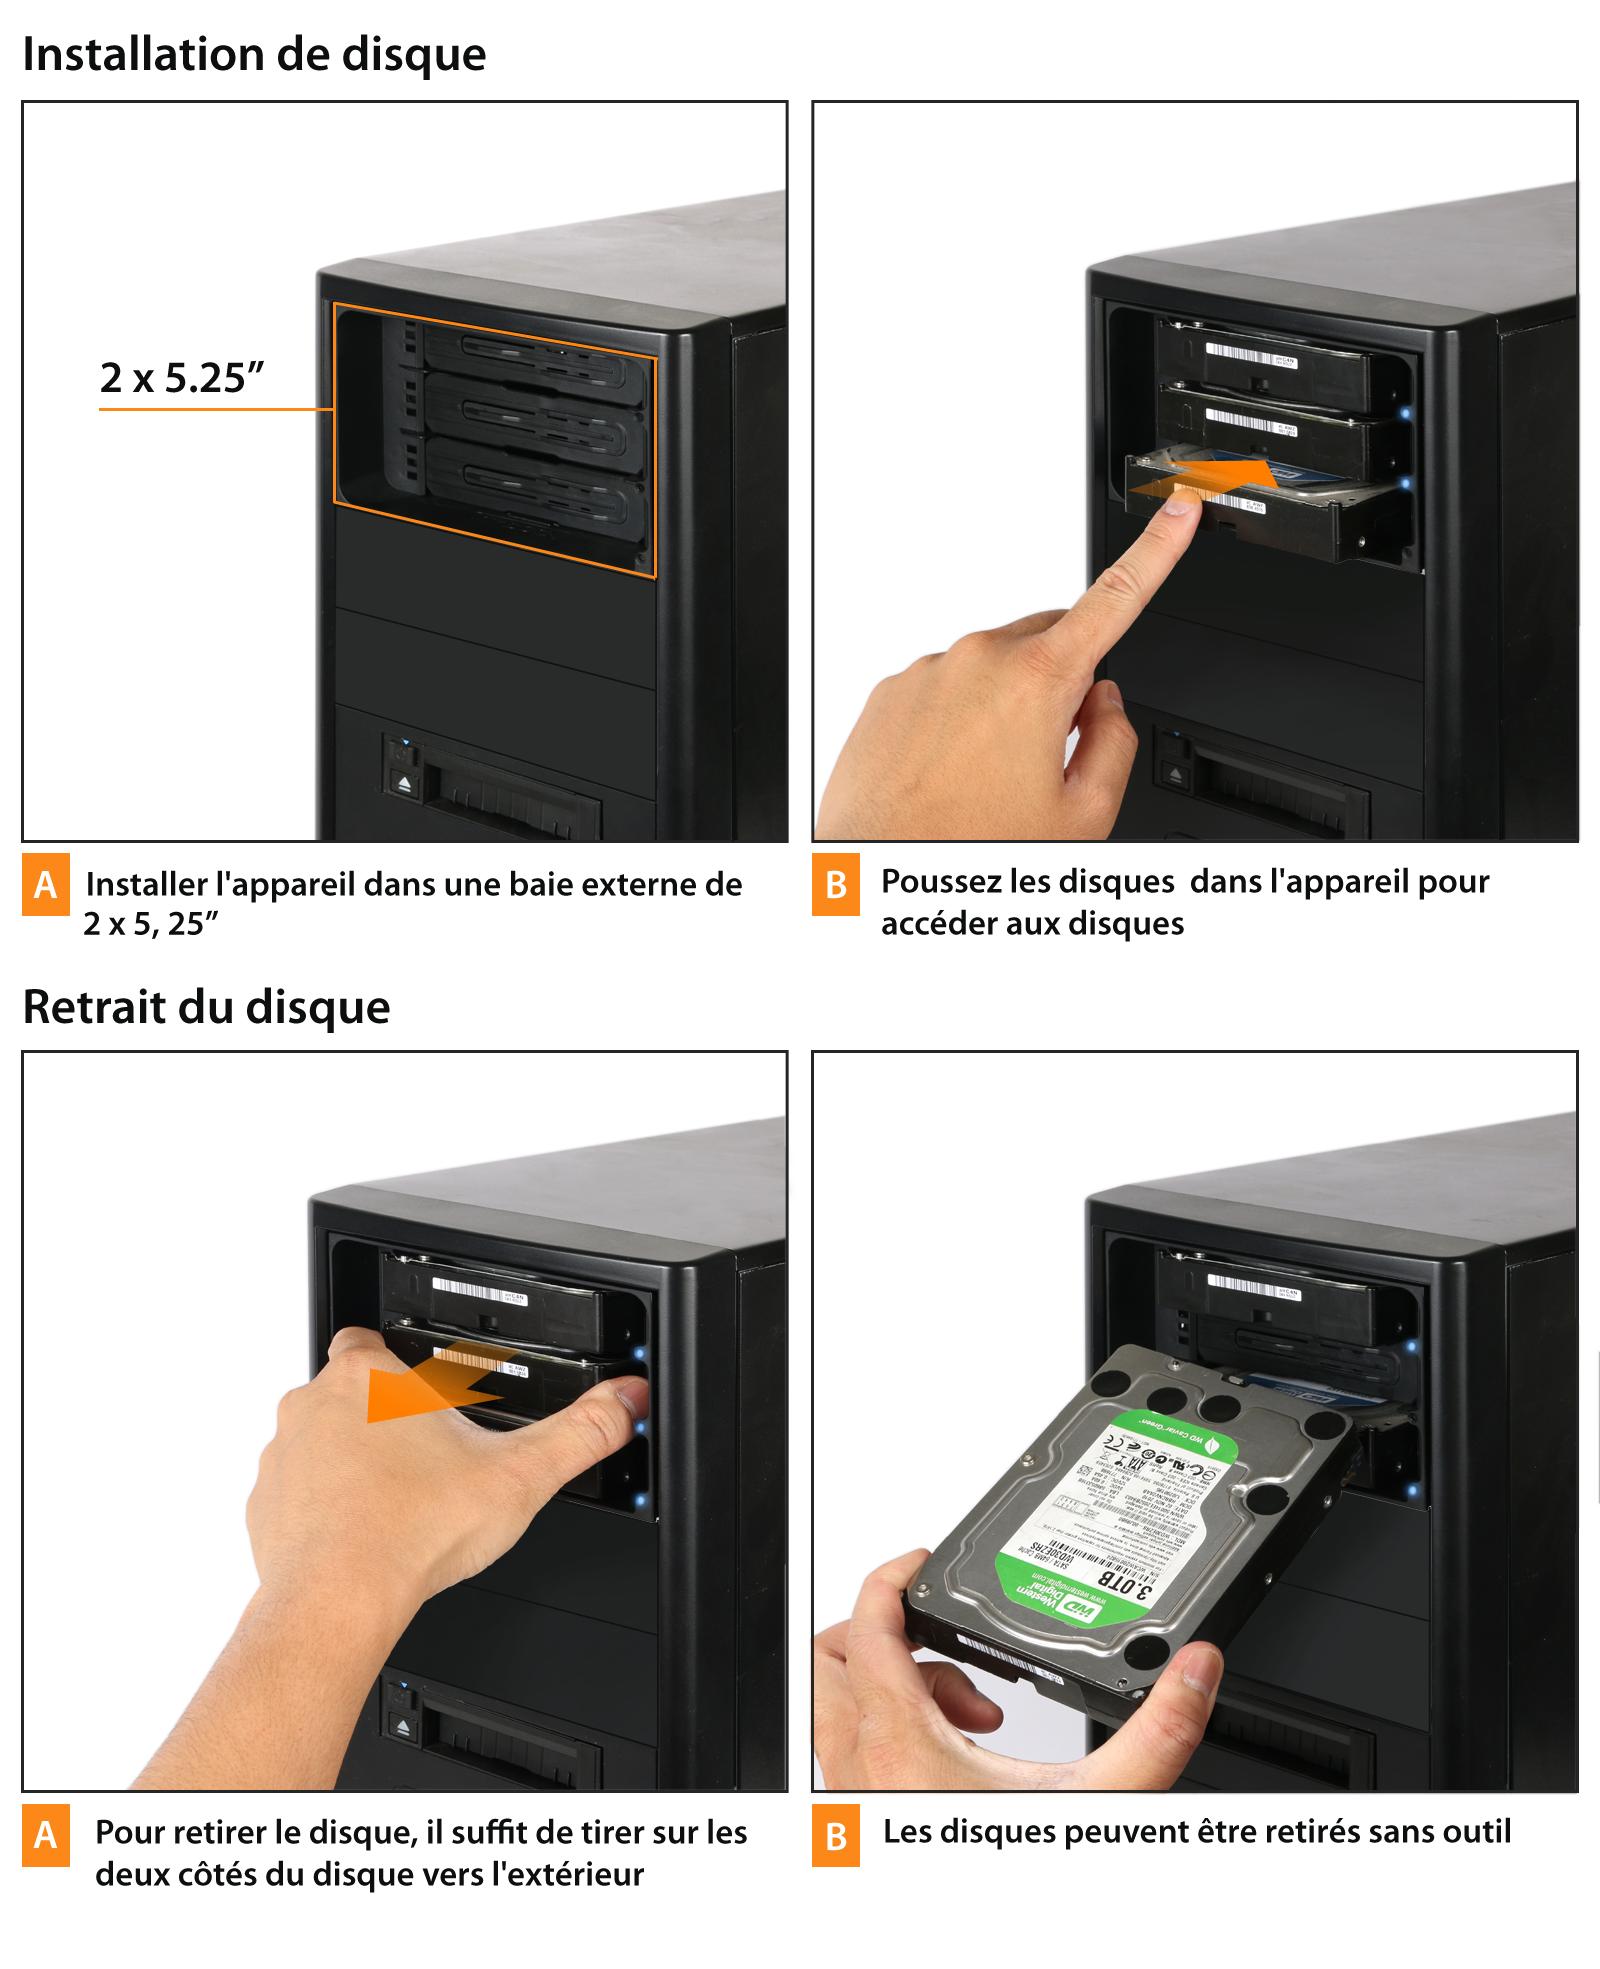 Démonstration de l'installation et du retrait d'un disque dans le MB839SP-B